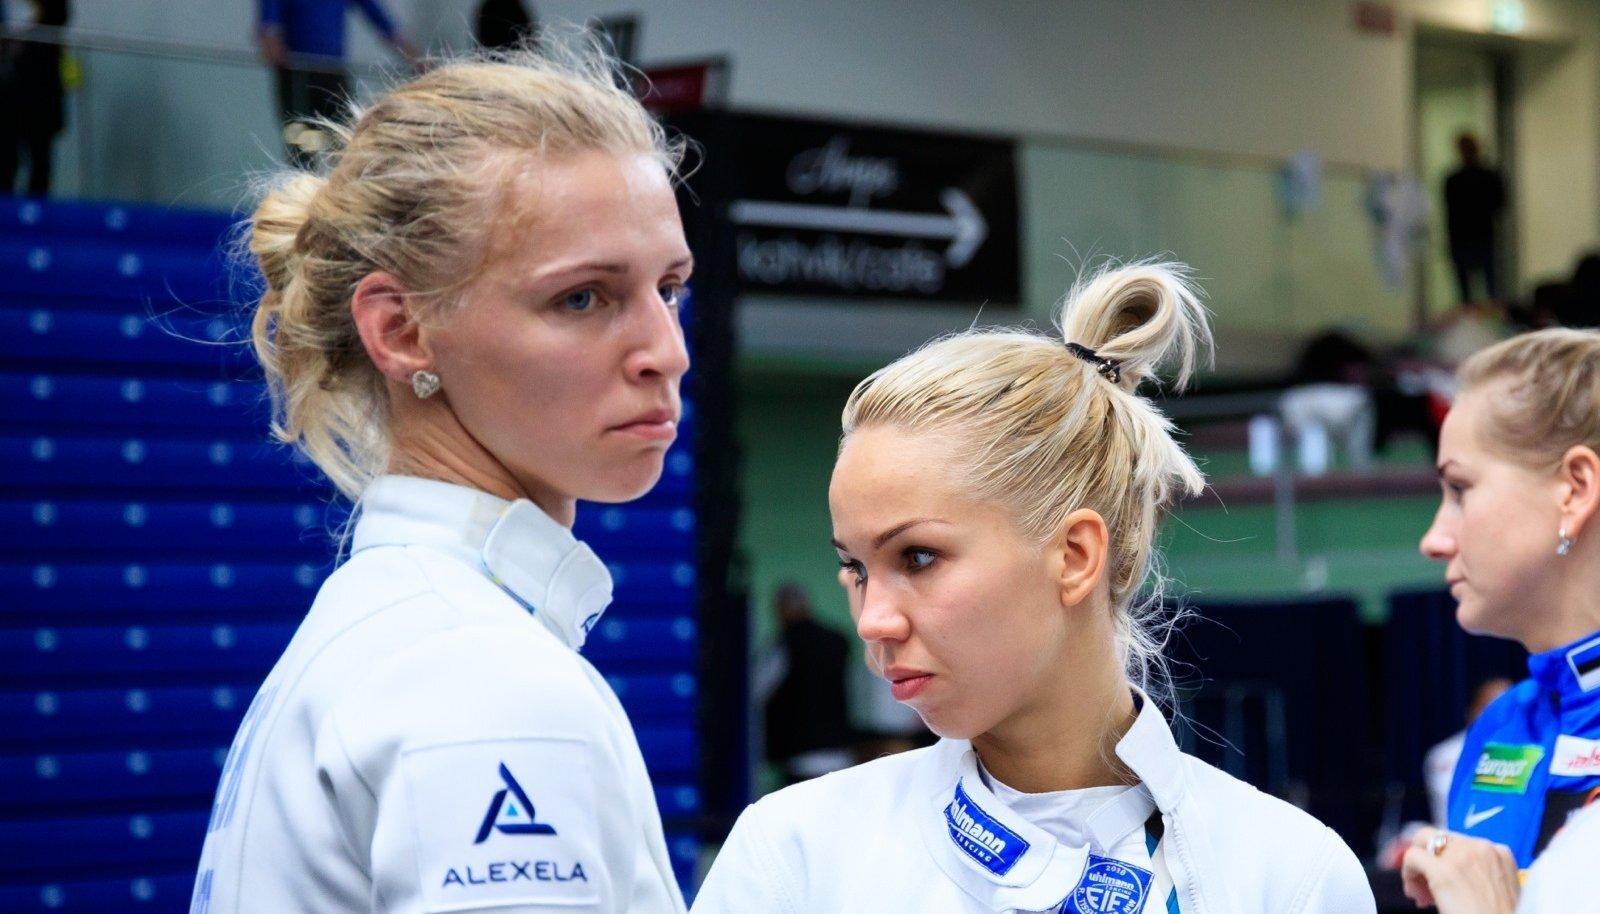 """Tallinn, 03.11.2019. Vehklemise MK-etapi """"Tallinna mõõk"""" naiskonnavõistlus Kalevi spordihallis."""